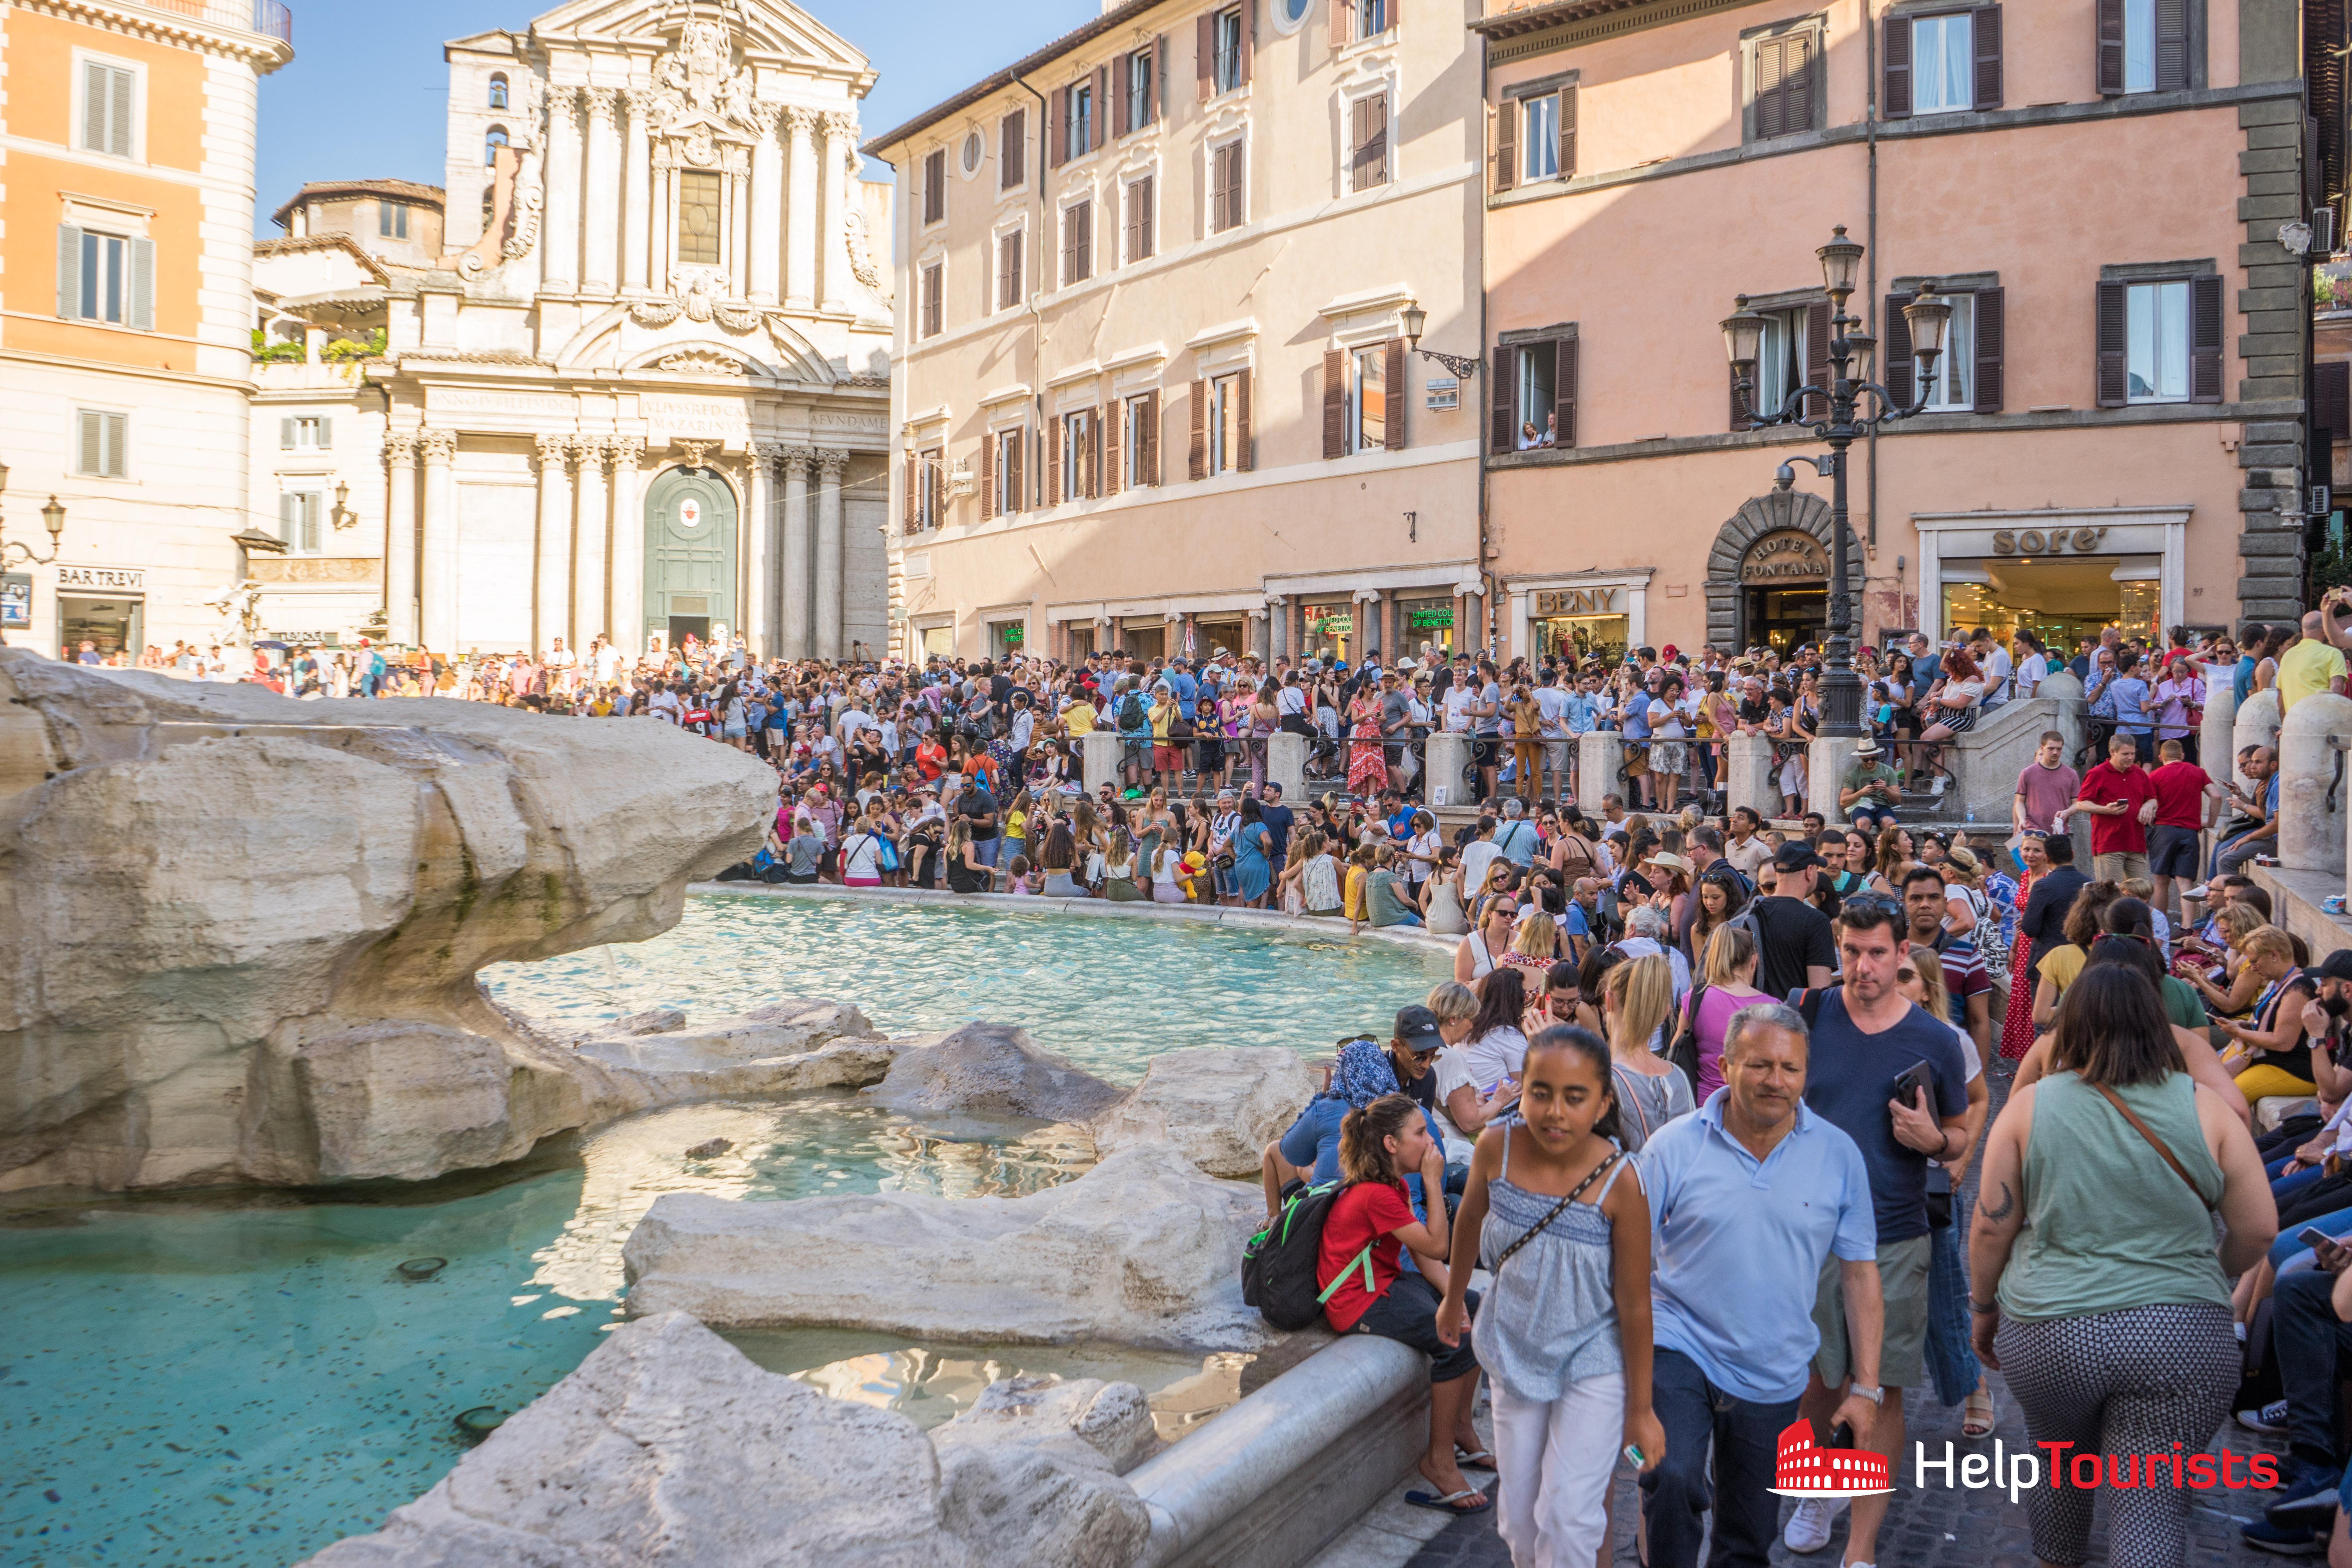 ROME_Trevi fountain_crowd_02_l